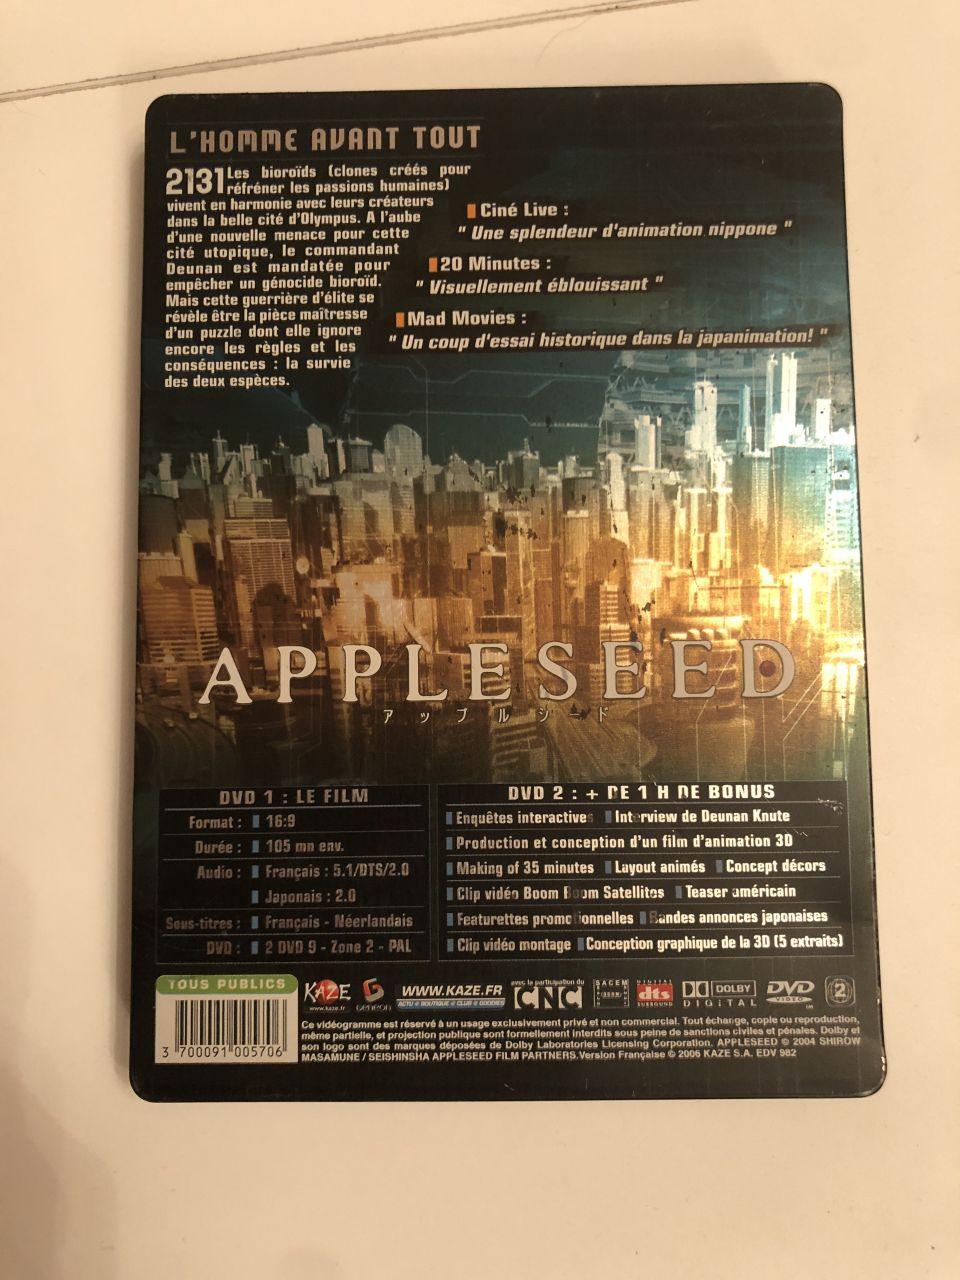 Image article Applessed Steelbook blu-ray